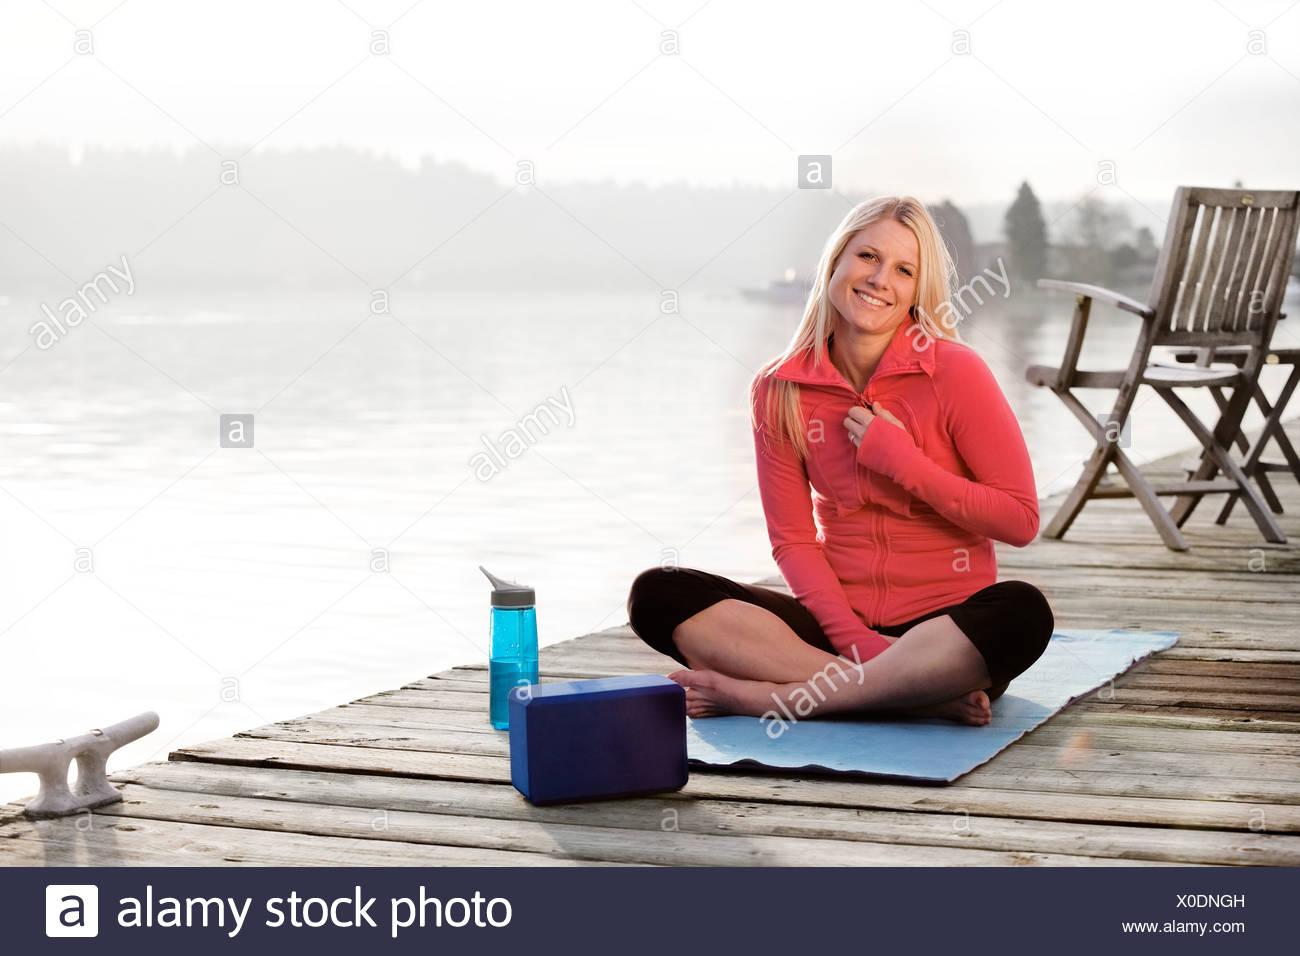 Eine junge Frau hanging out an einem Dock über Lake Washington und lächelnd in die Kamera während der Sitzung auf eine Yoga-Matte. Stockbild